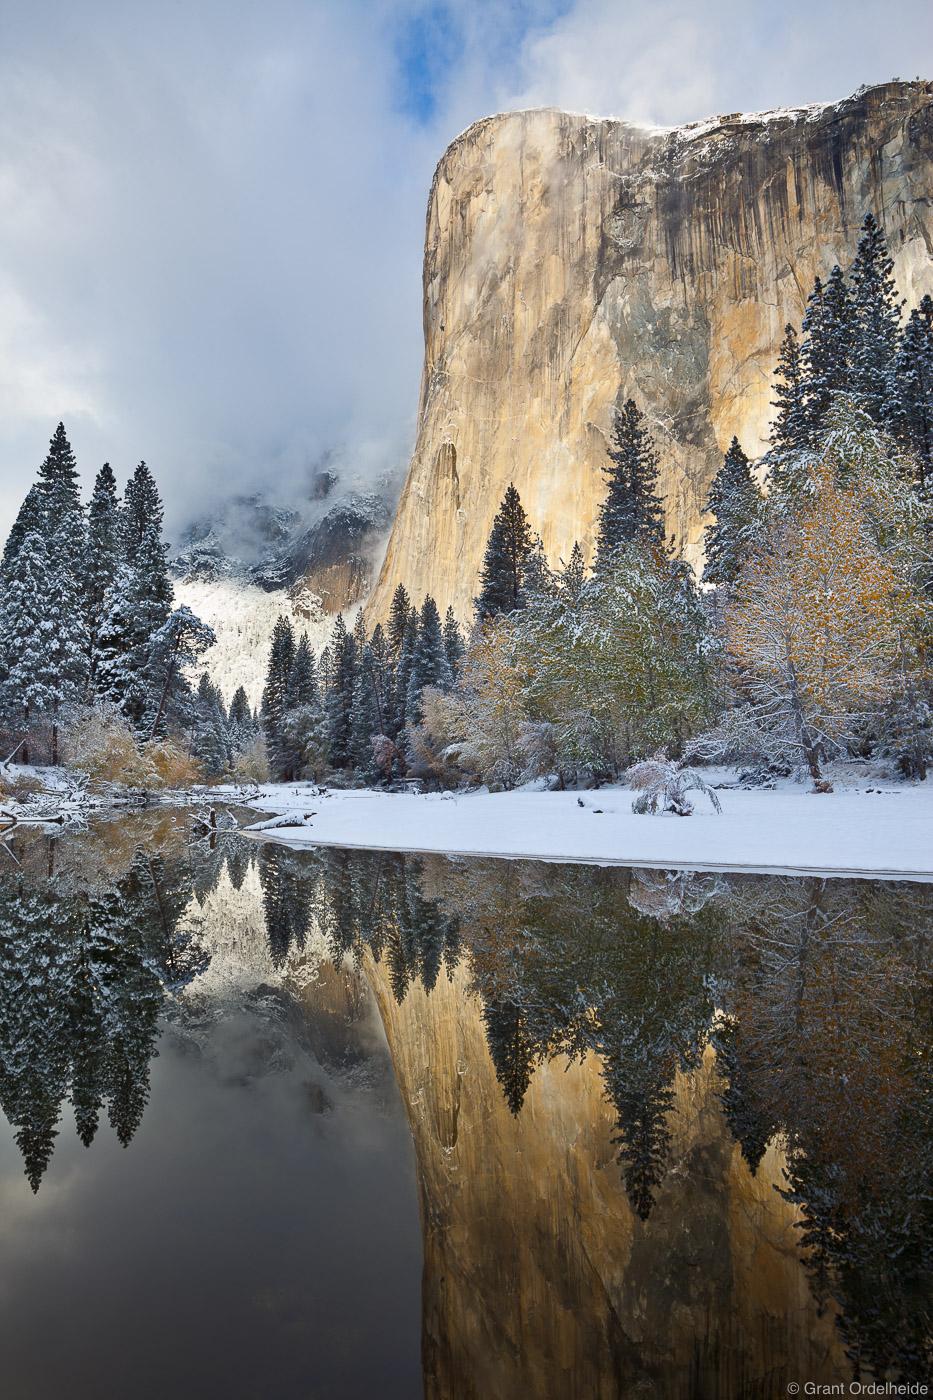 El Capitan refleced in the Merced river after a fall snowstorm.